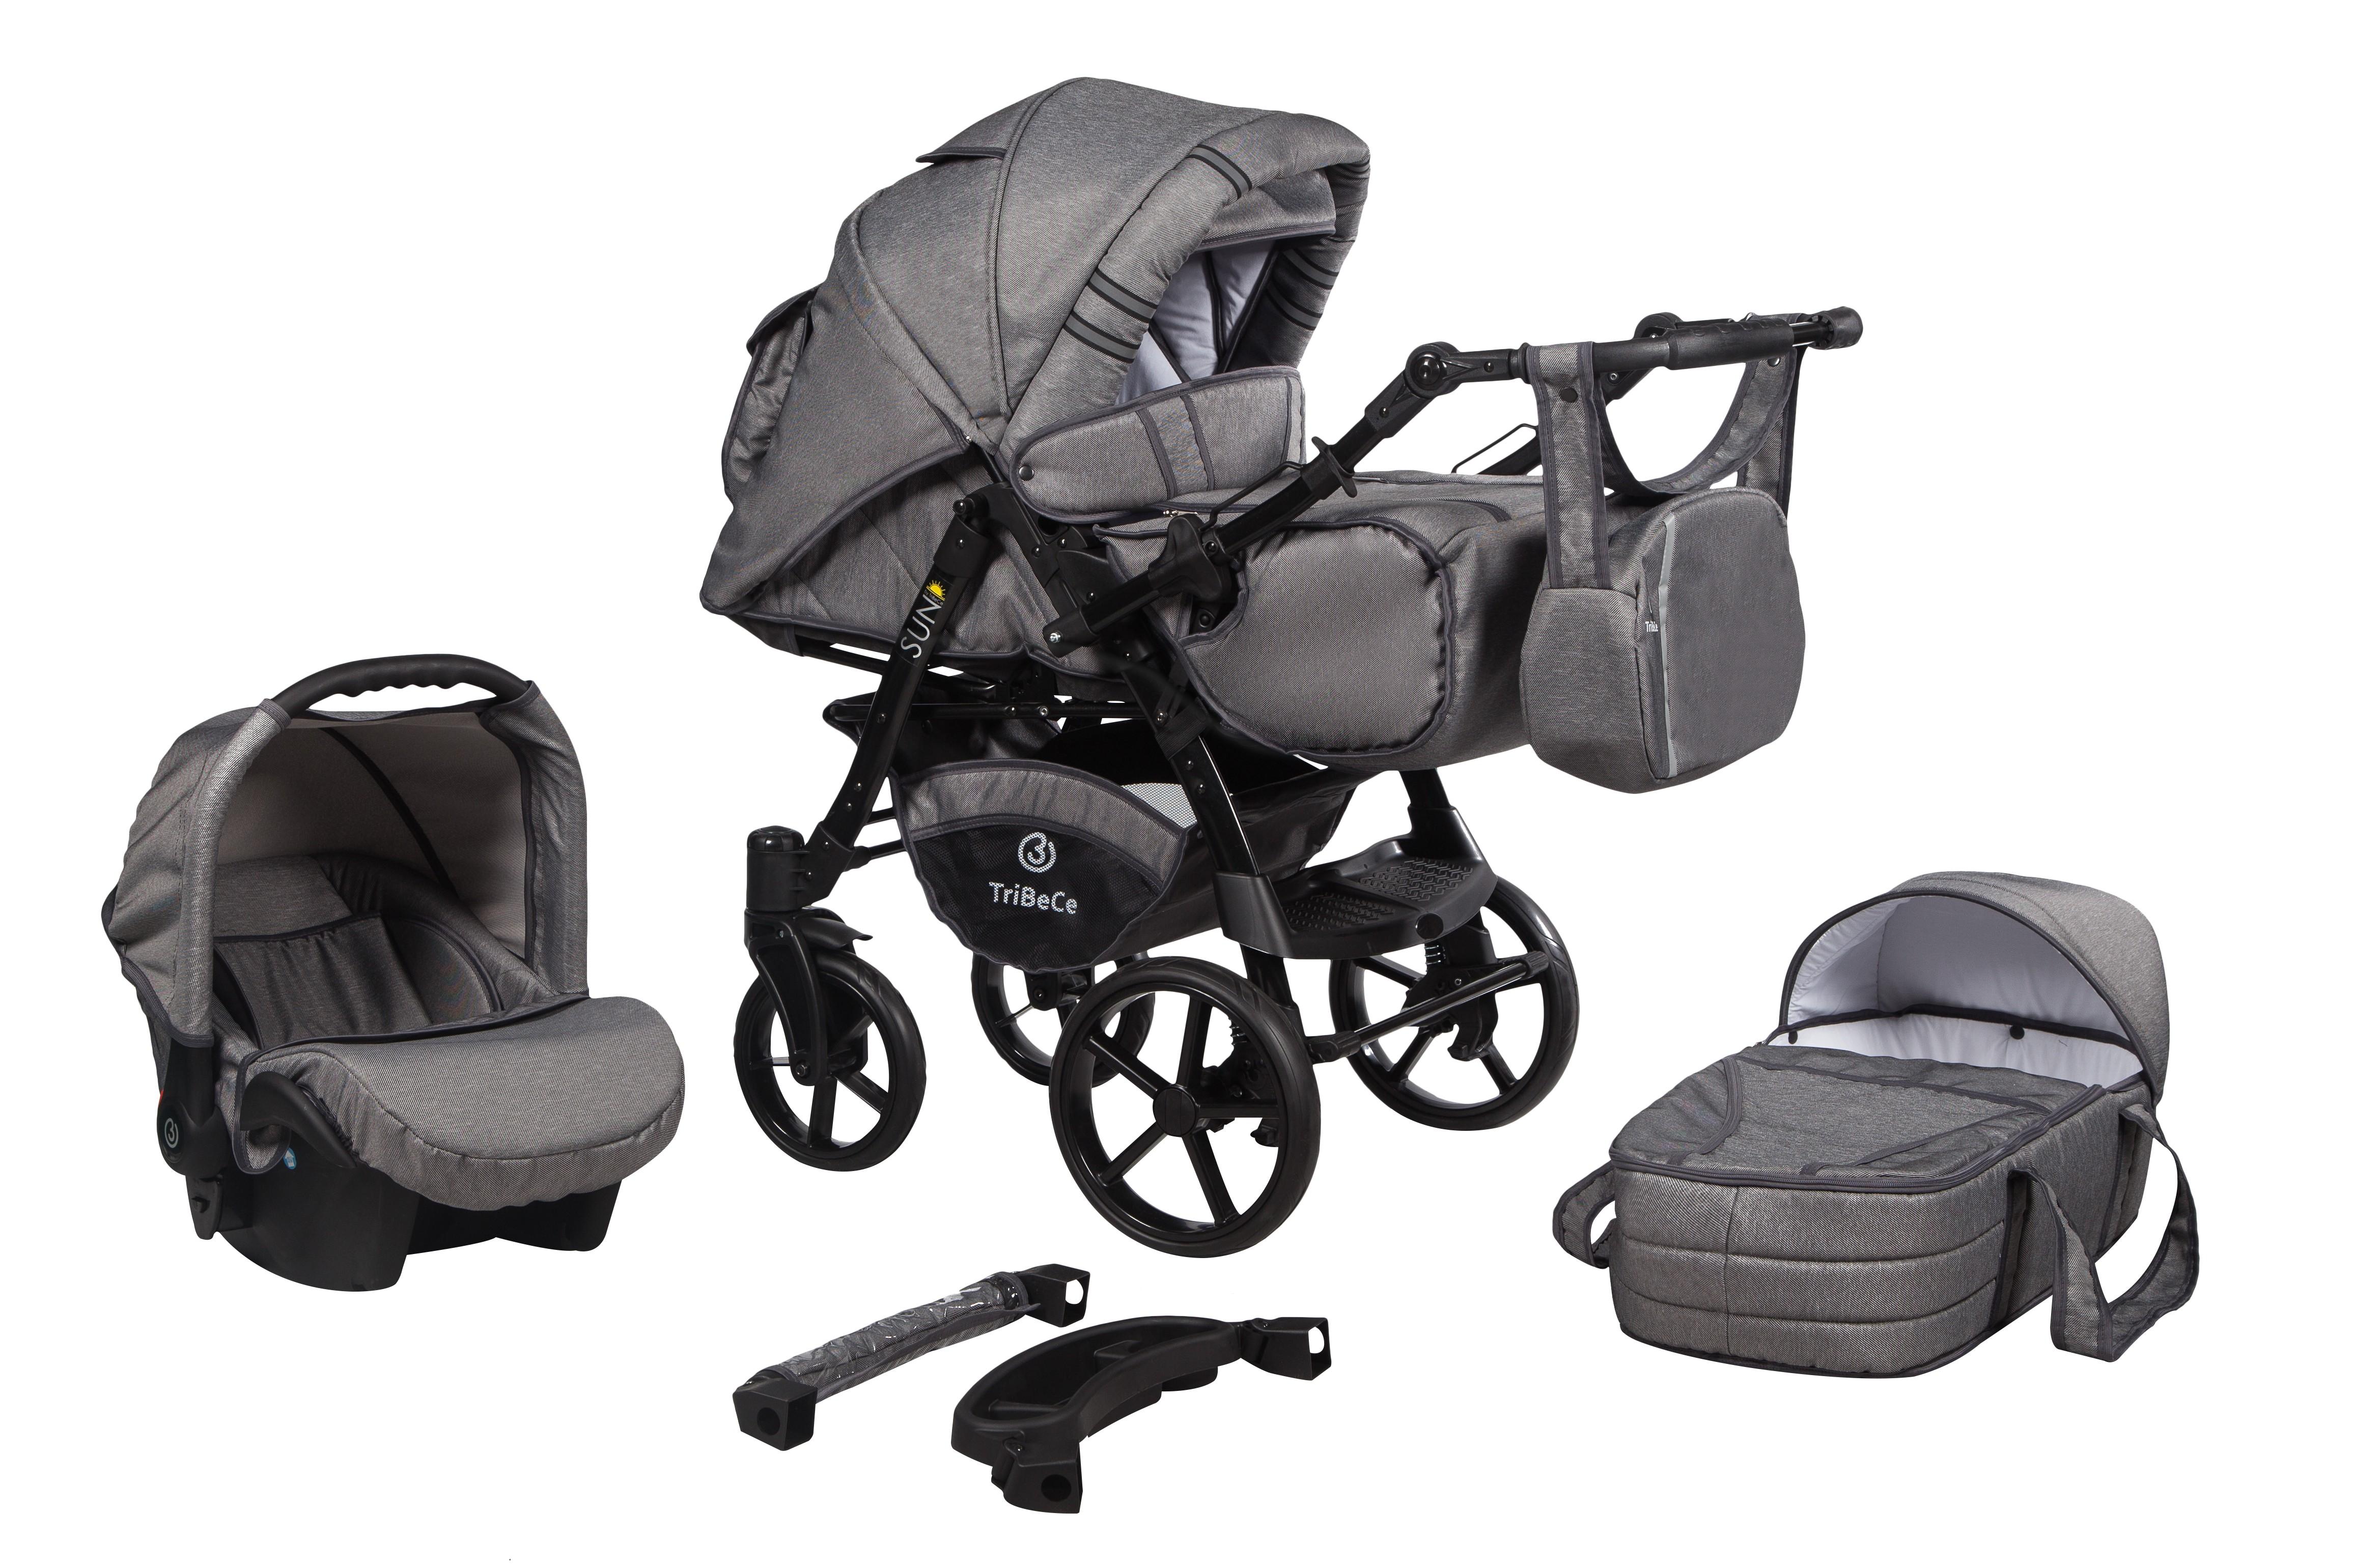 wózek dziecięcy Tribece Sun Baby Merc Dadi Shop